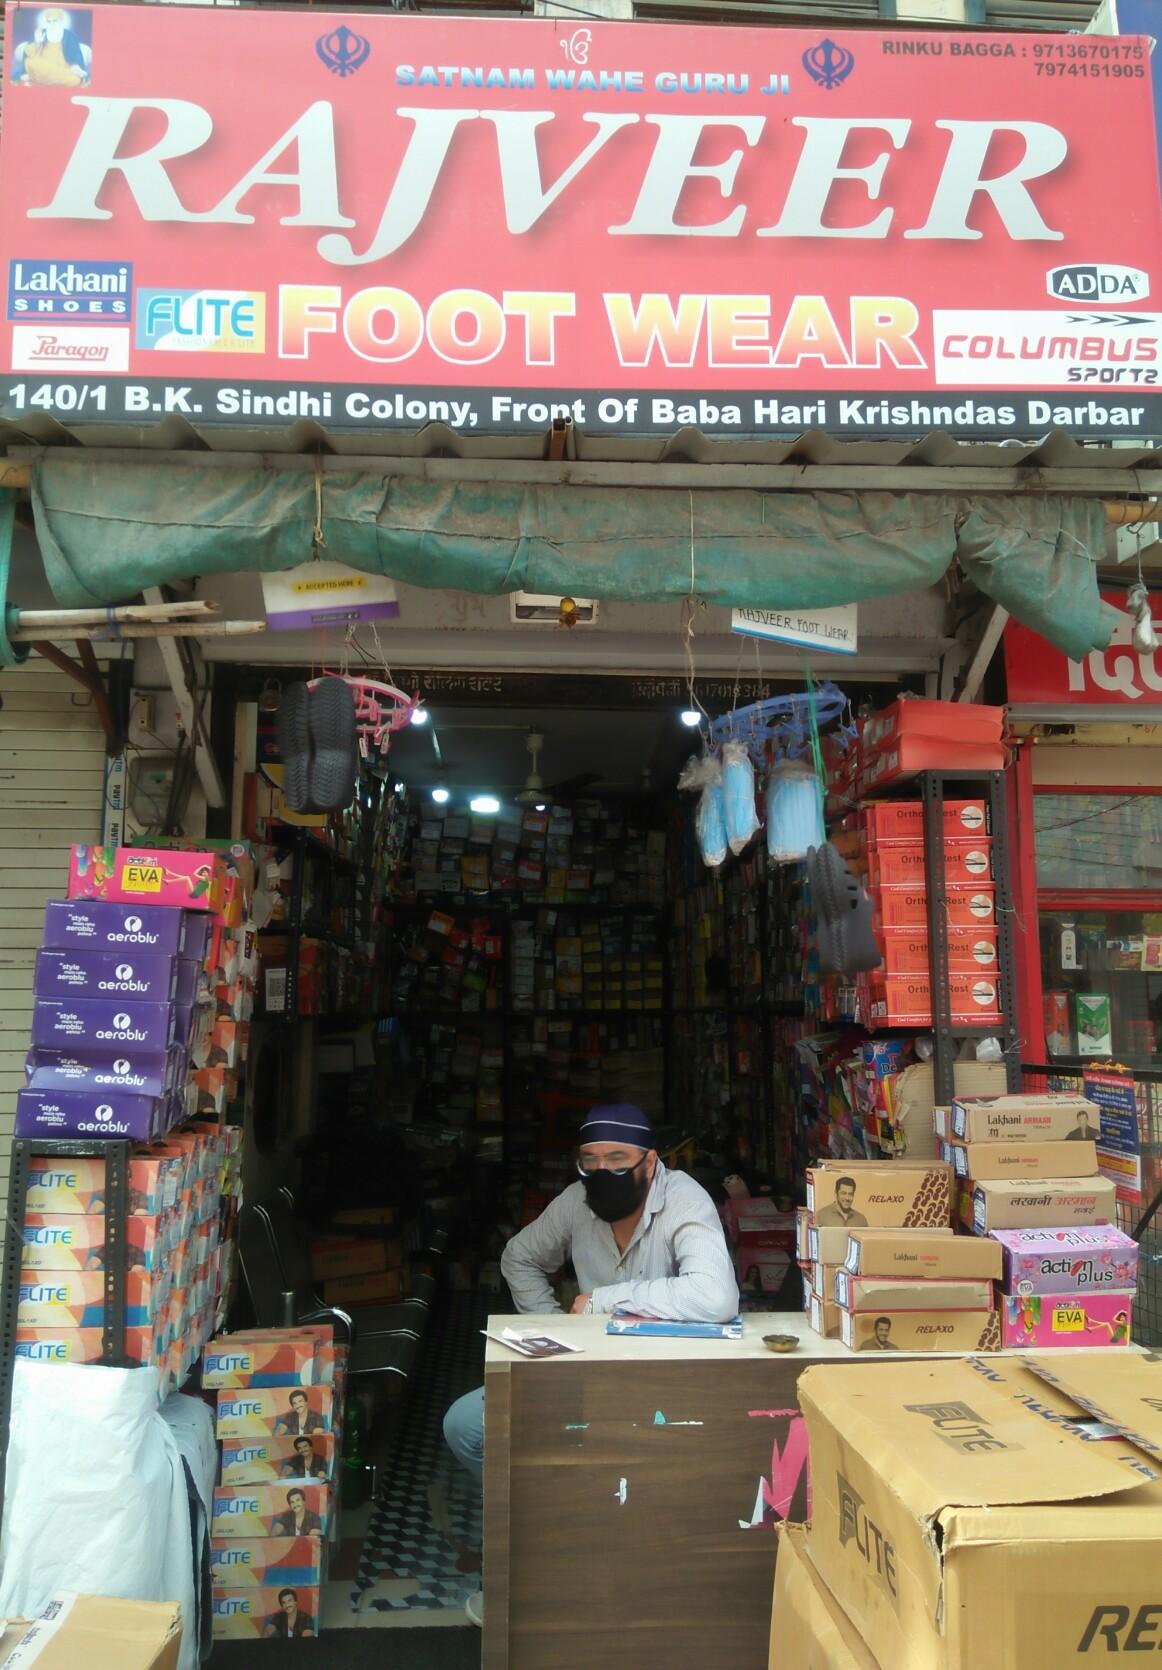 Rajveer footwear